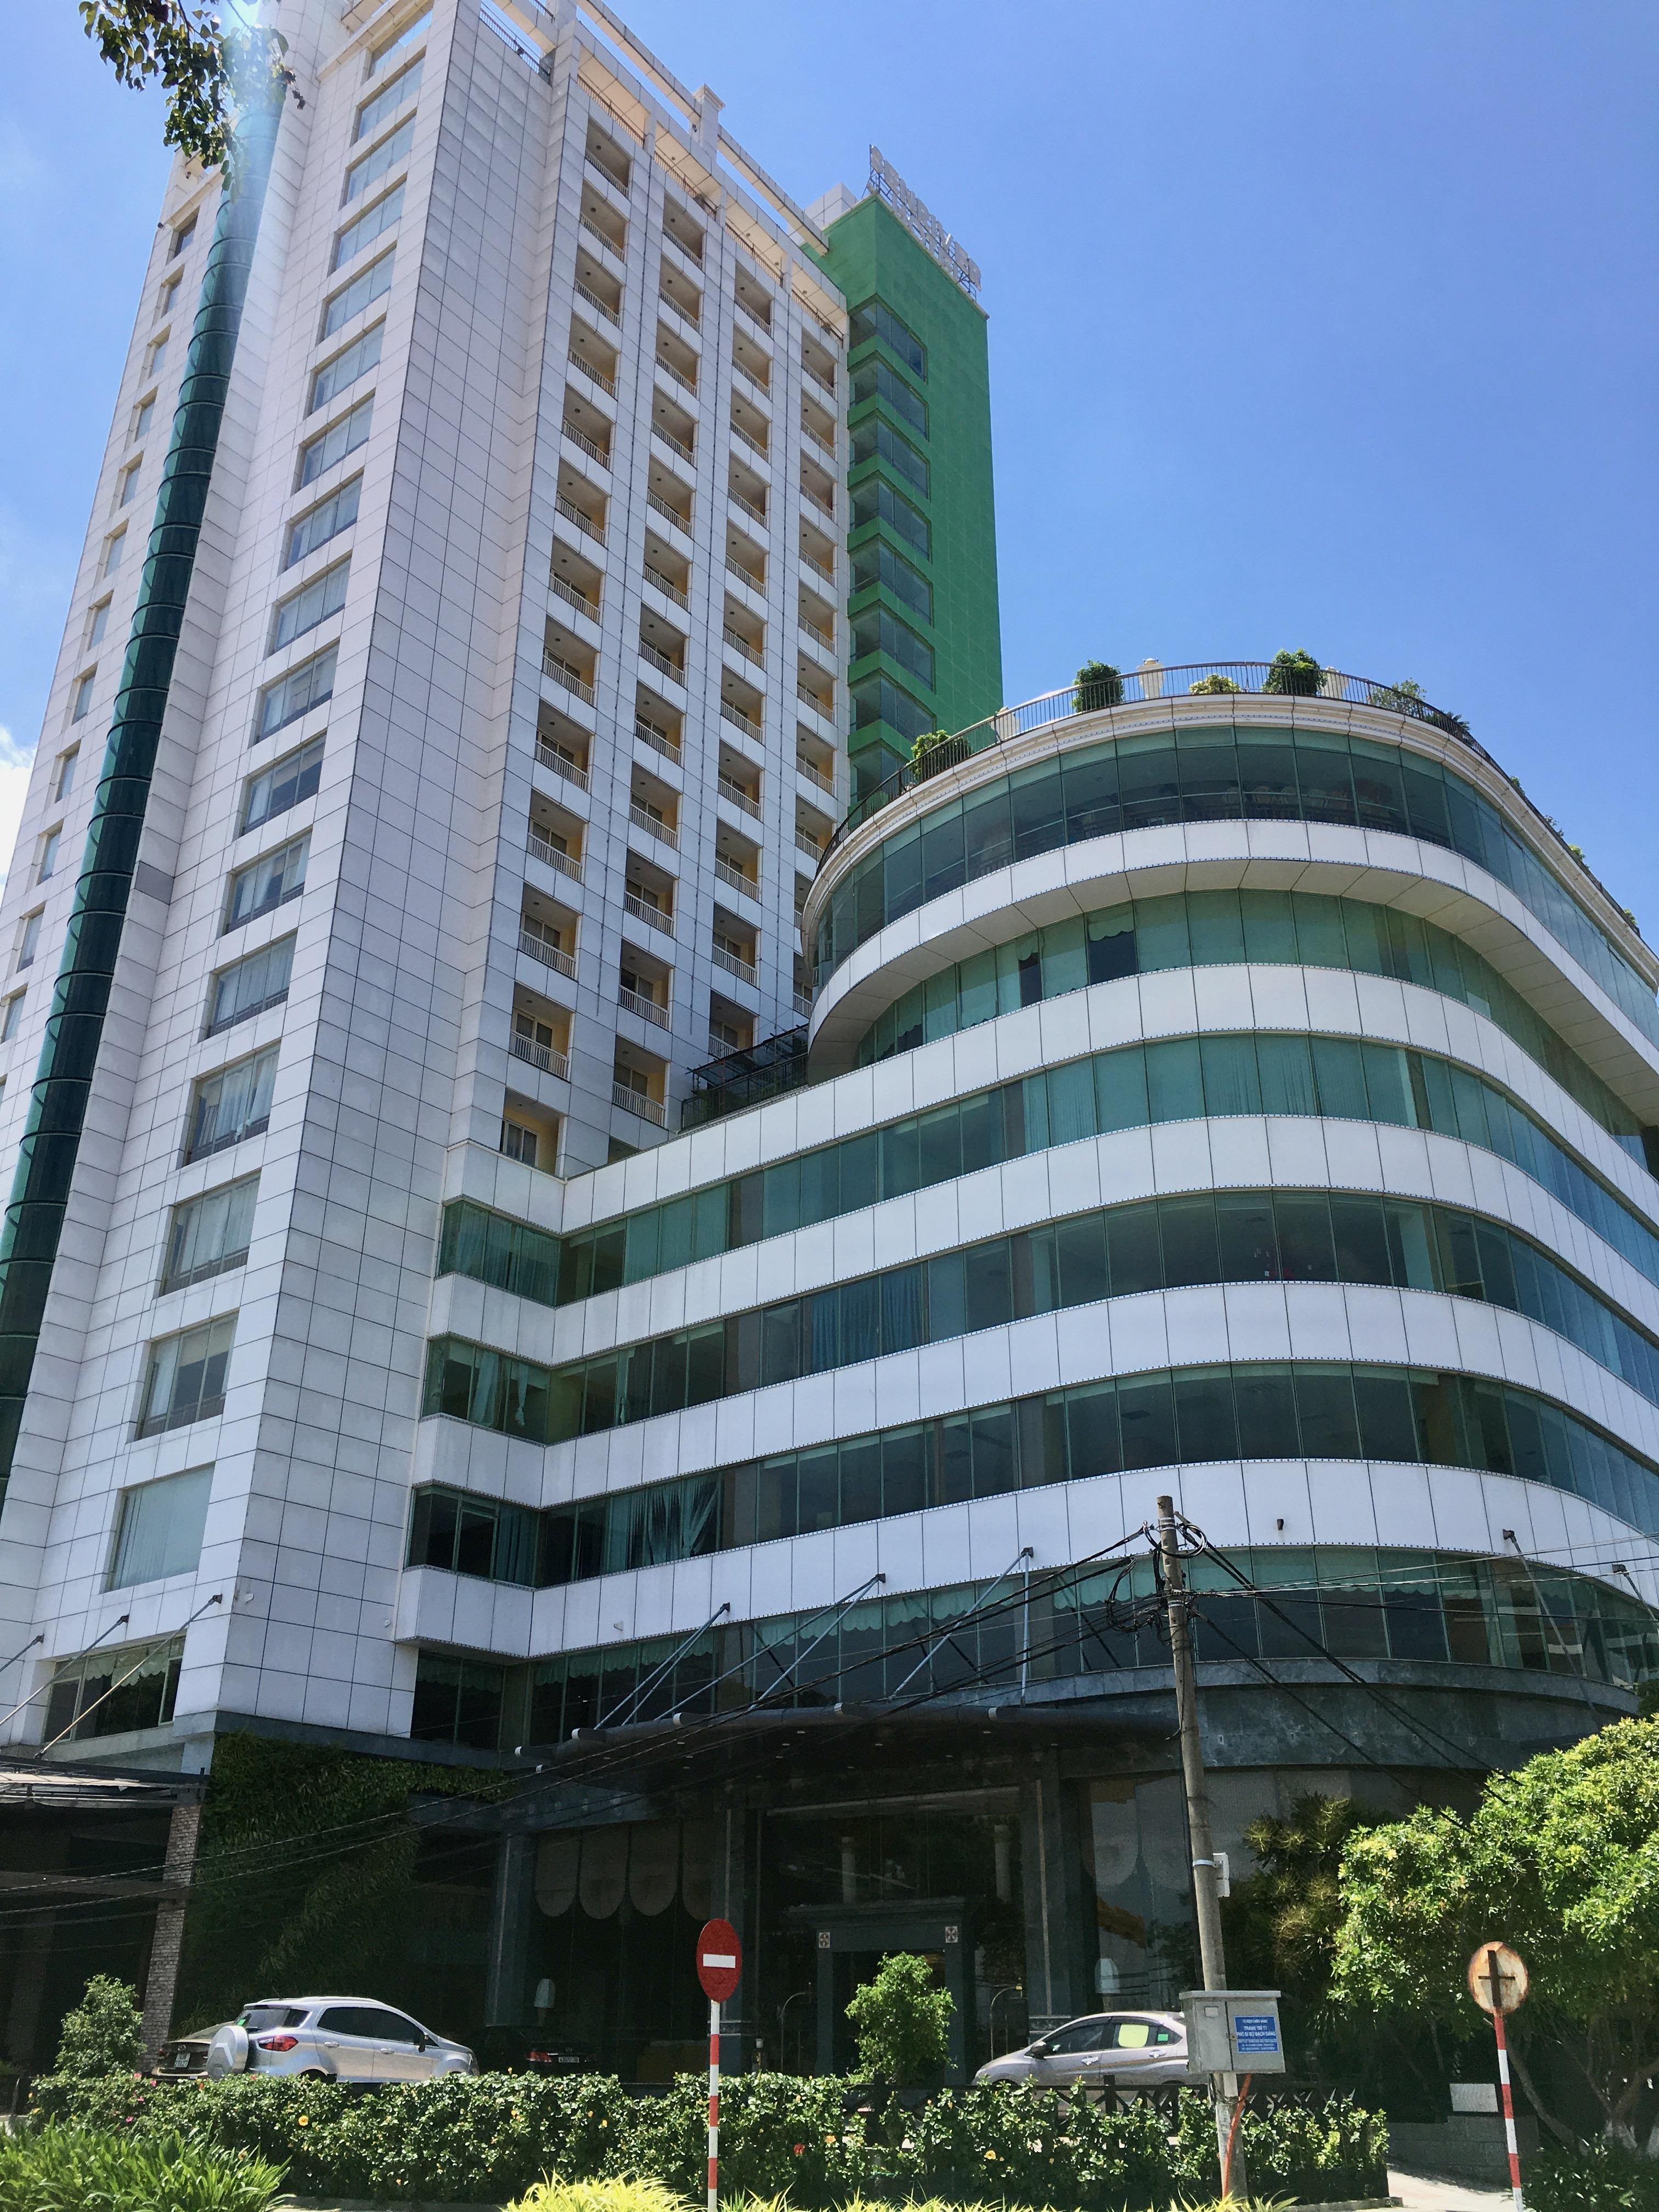 Phố khách sạn Đà Nẵng 'tối đèn', rao bán hàng trăm tỉ đồng - Ảnh 20.